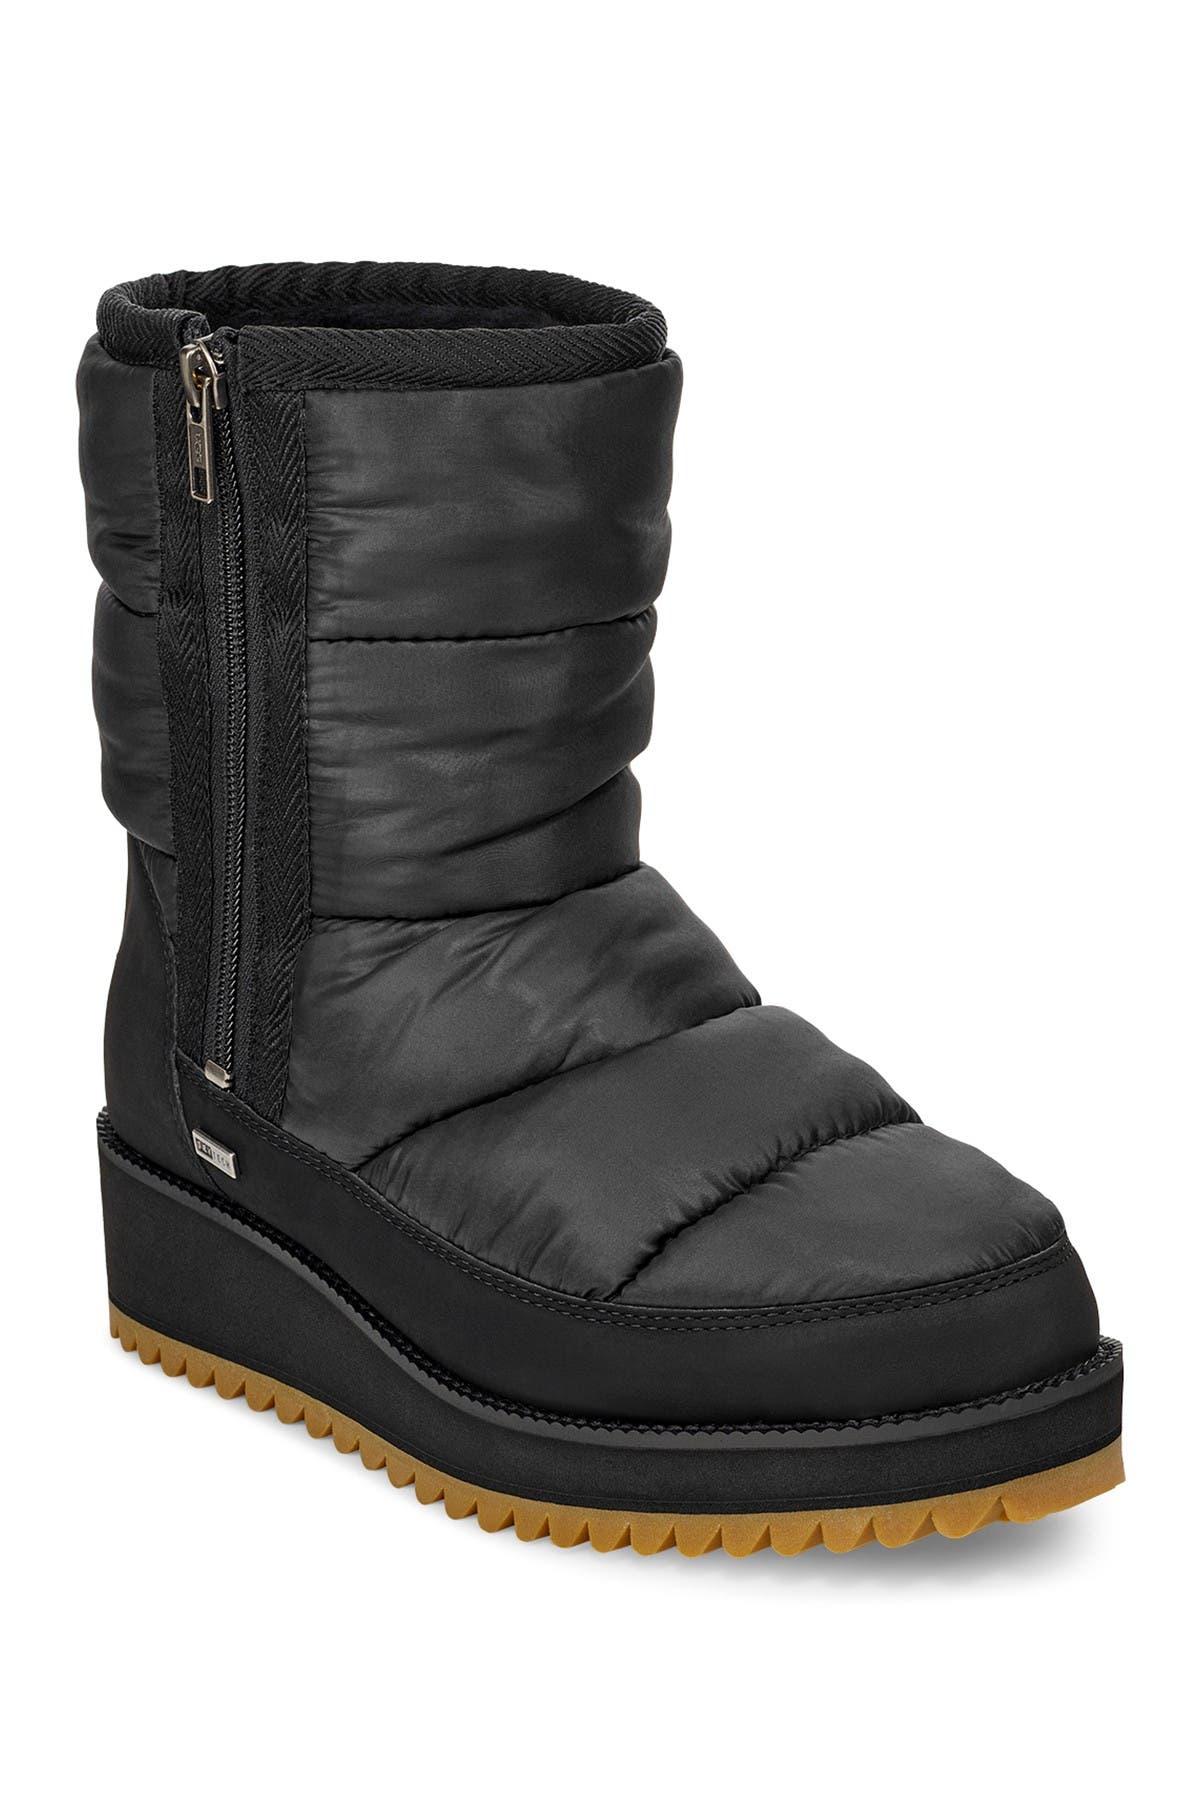 UGG | Ridge Waterproof Insulated Boot